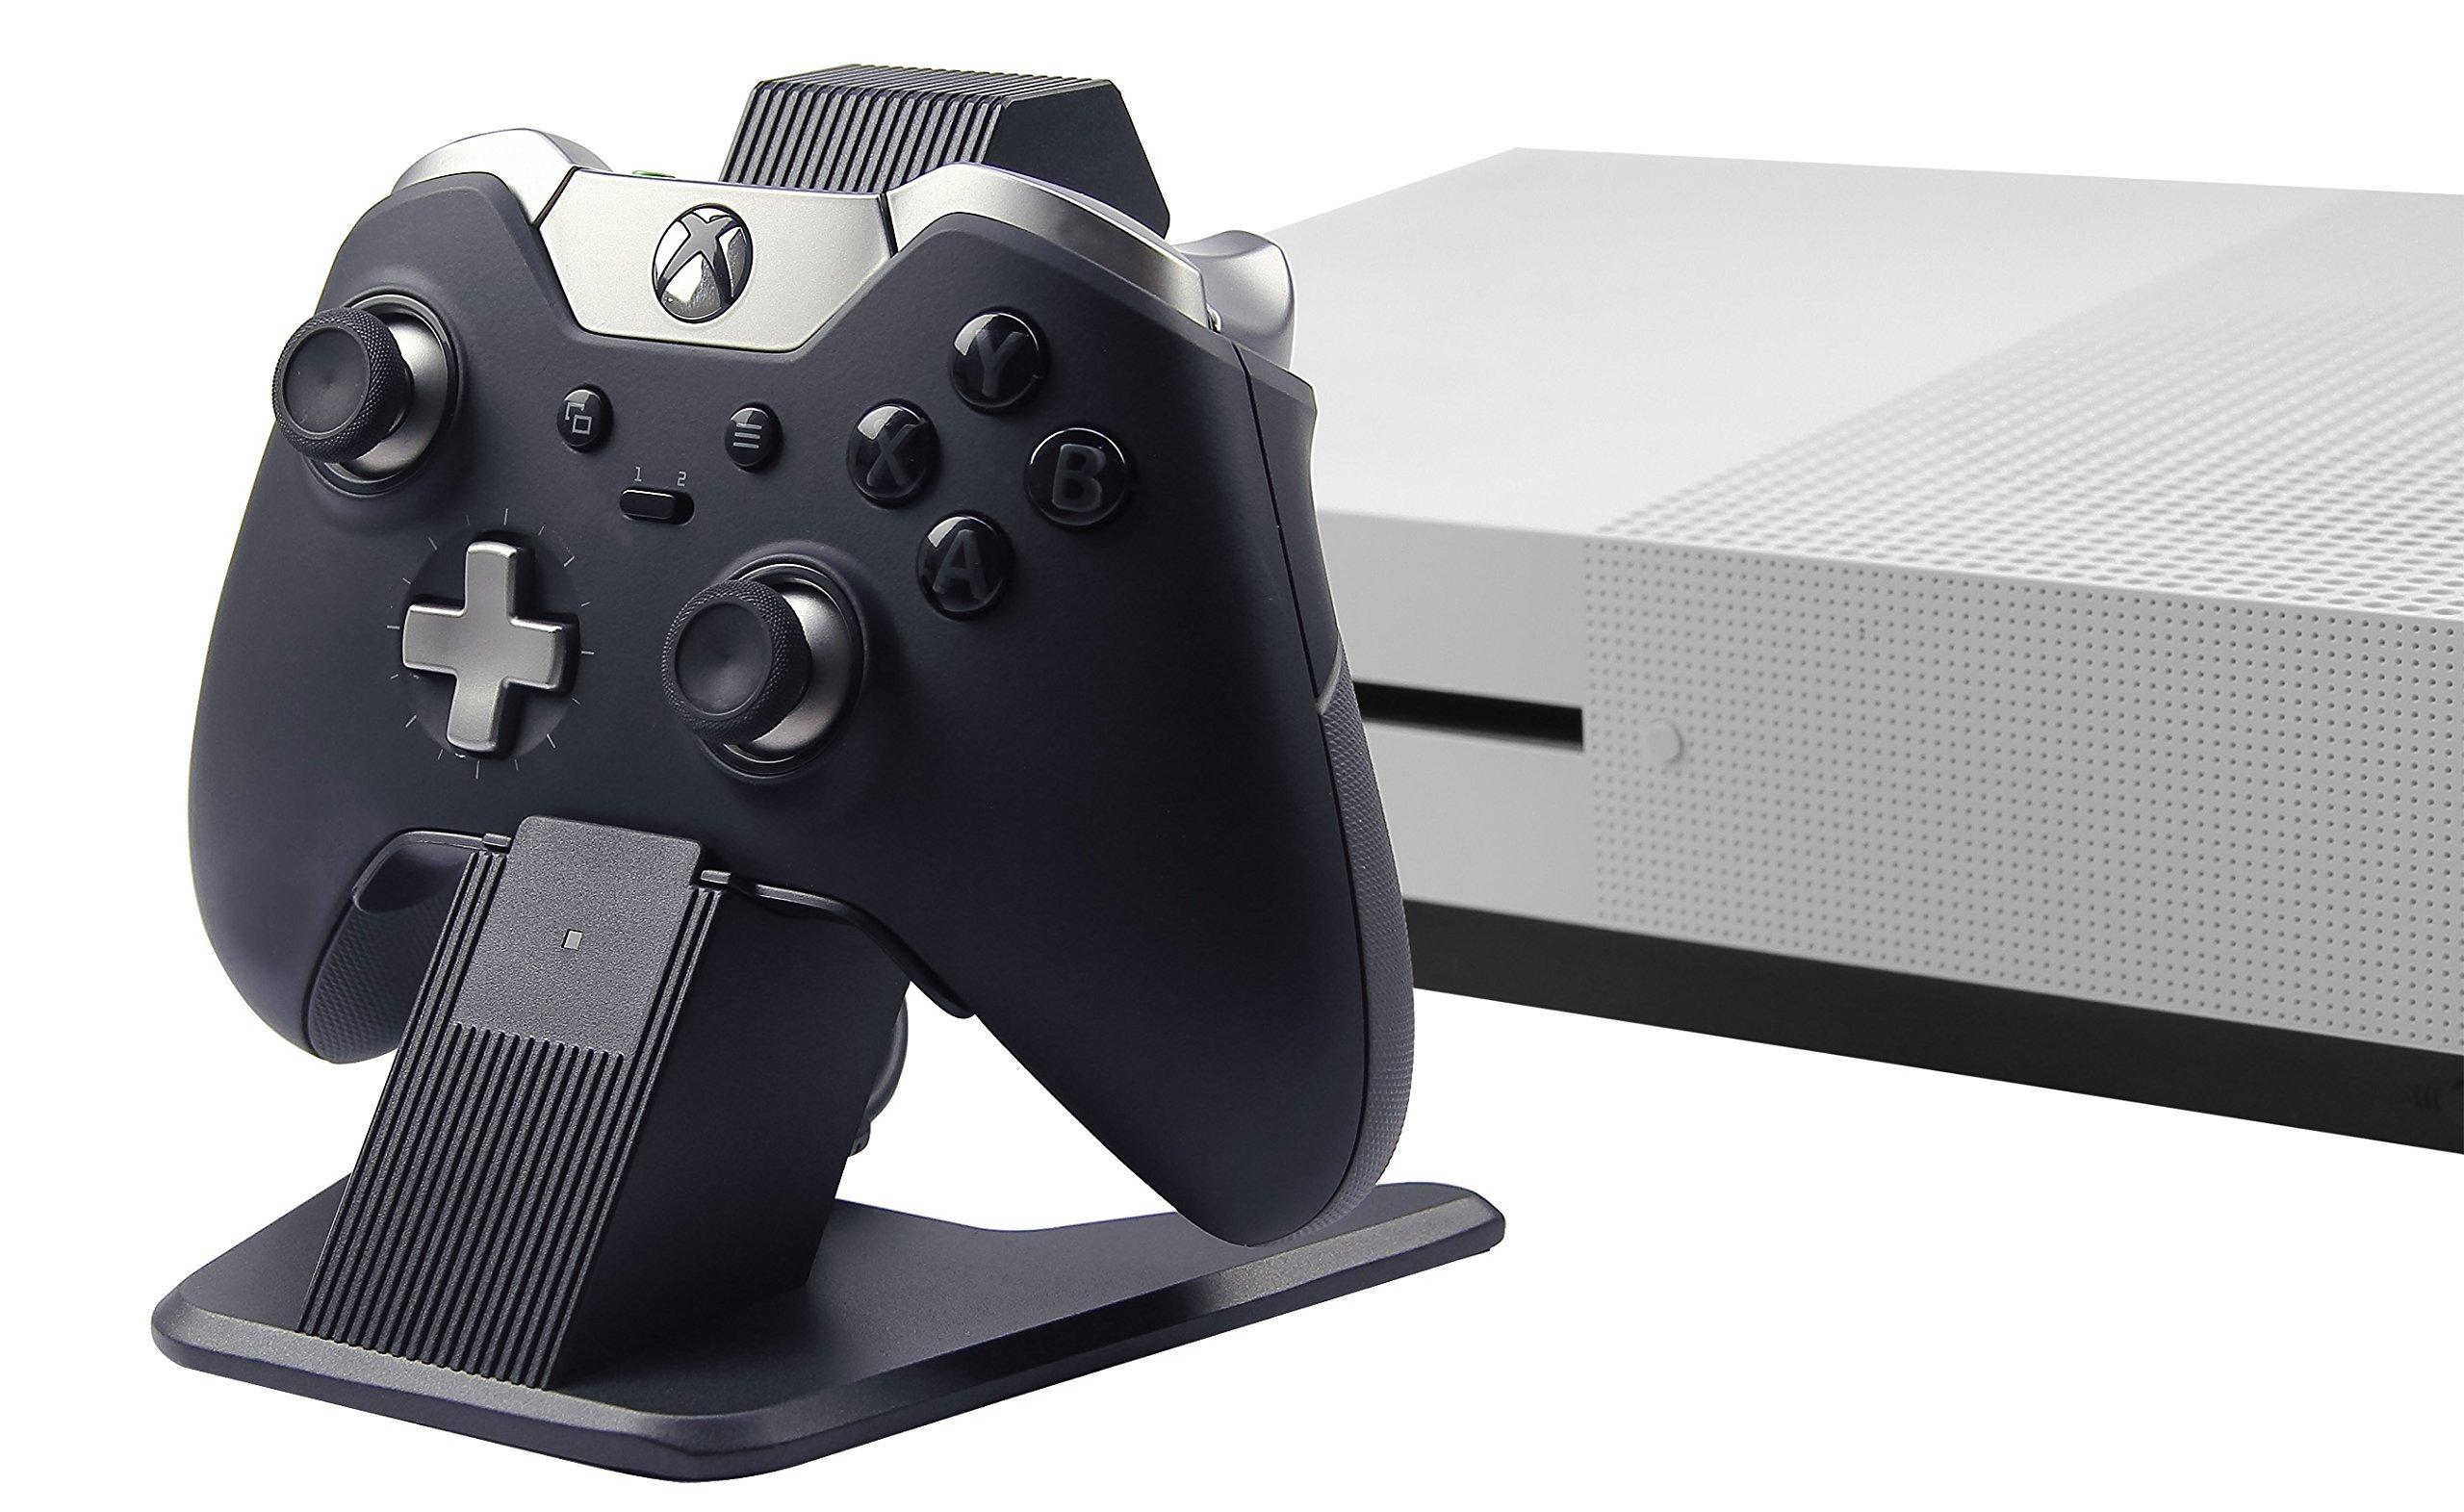 AmazonBasics Station de charge en aluminium pour manettes de Xbox One, Xbox One S et Xbox One X, Noir